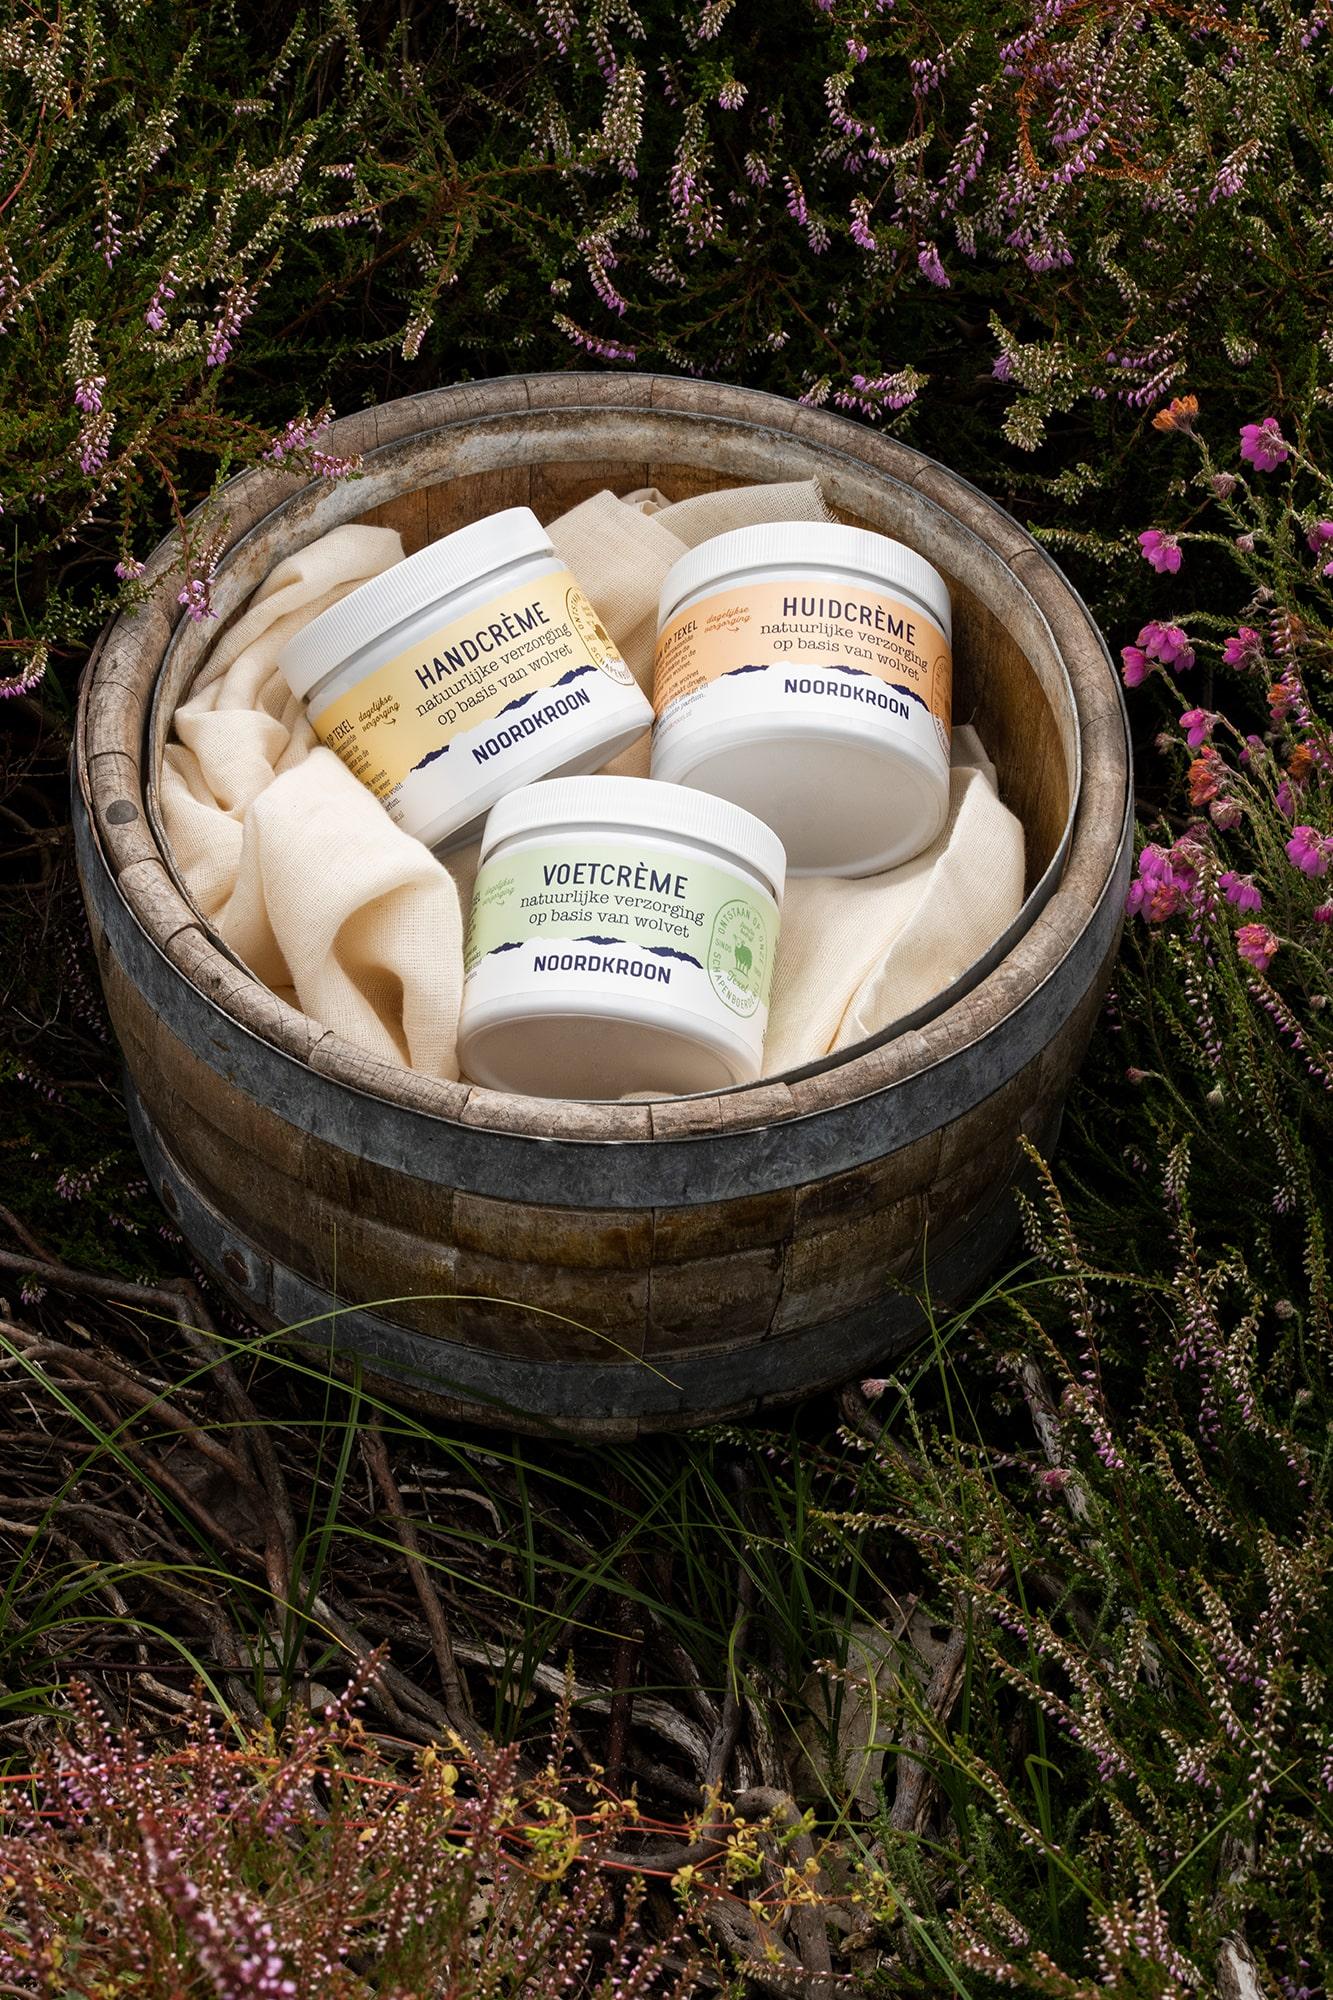 Sterk Verpakkingsontwerp van tubes en potten van crème en huidverzorging in Nederland